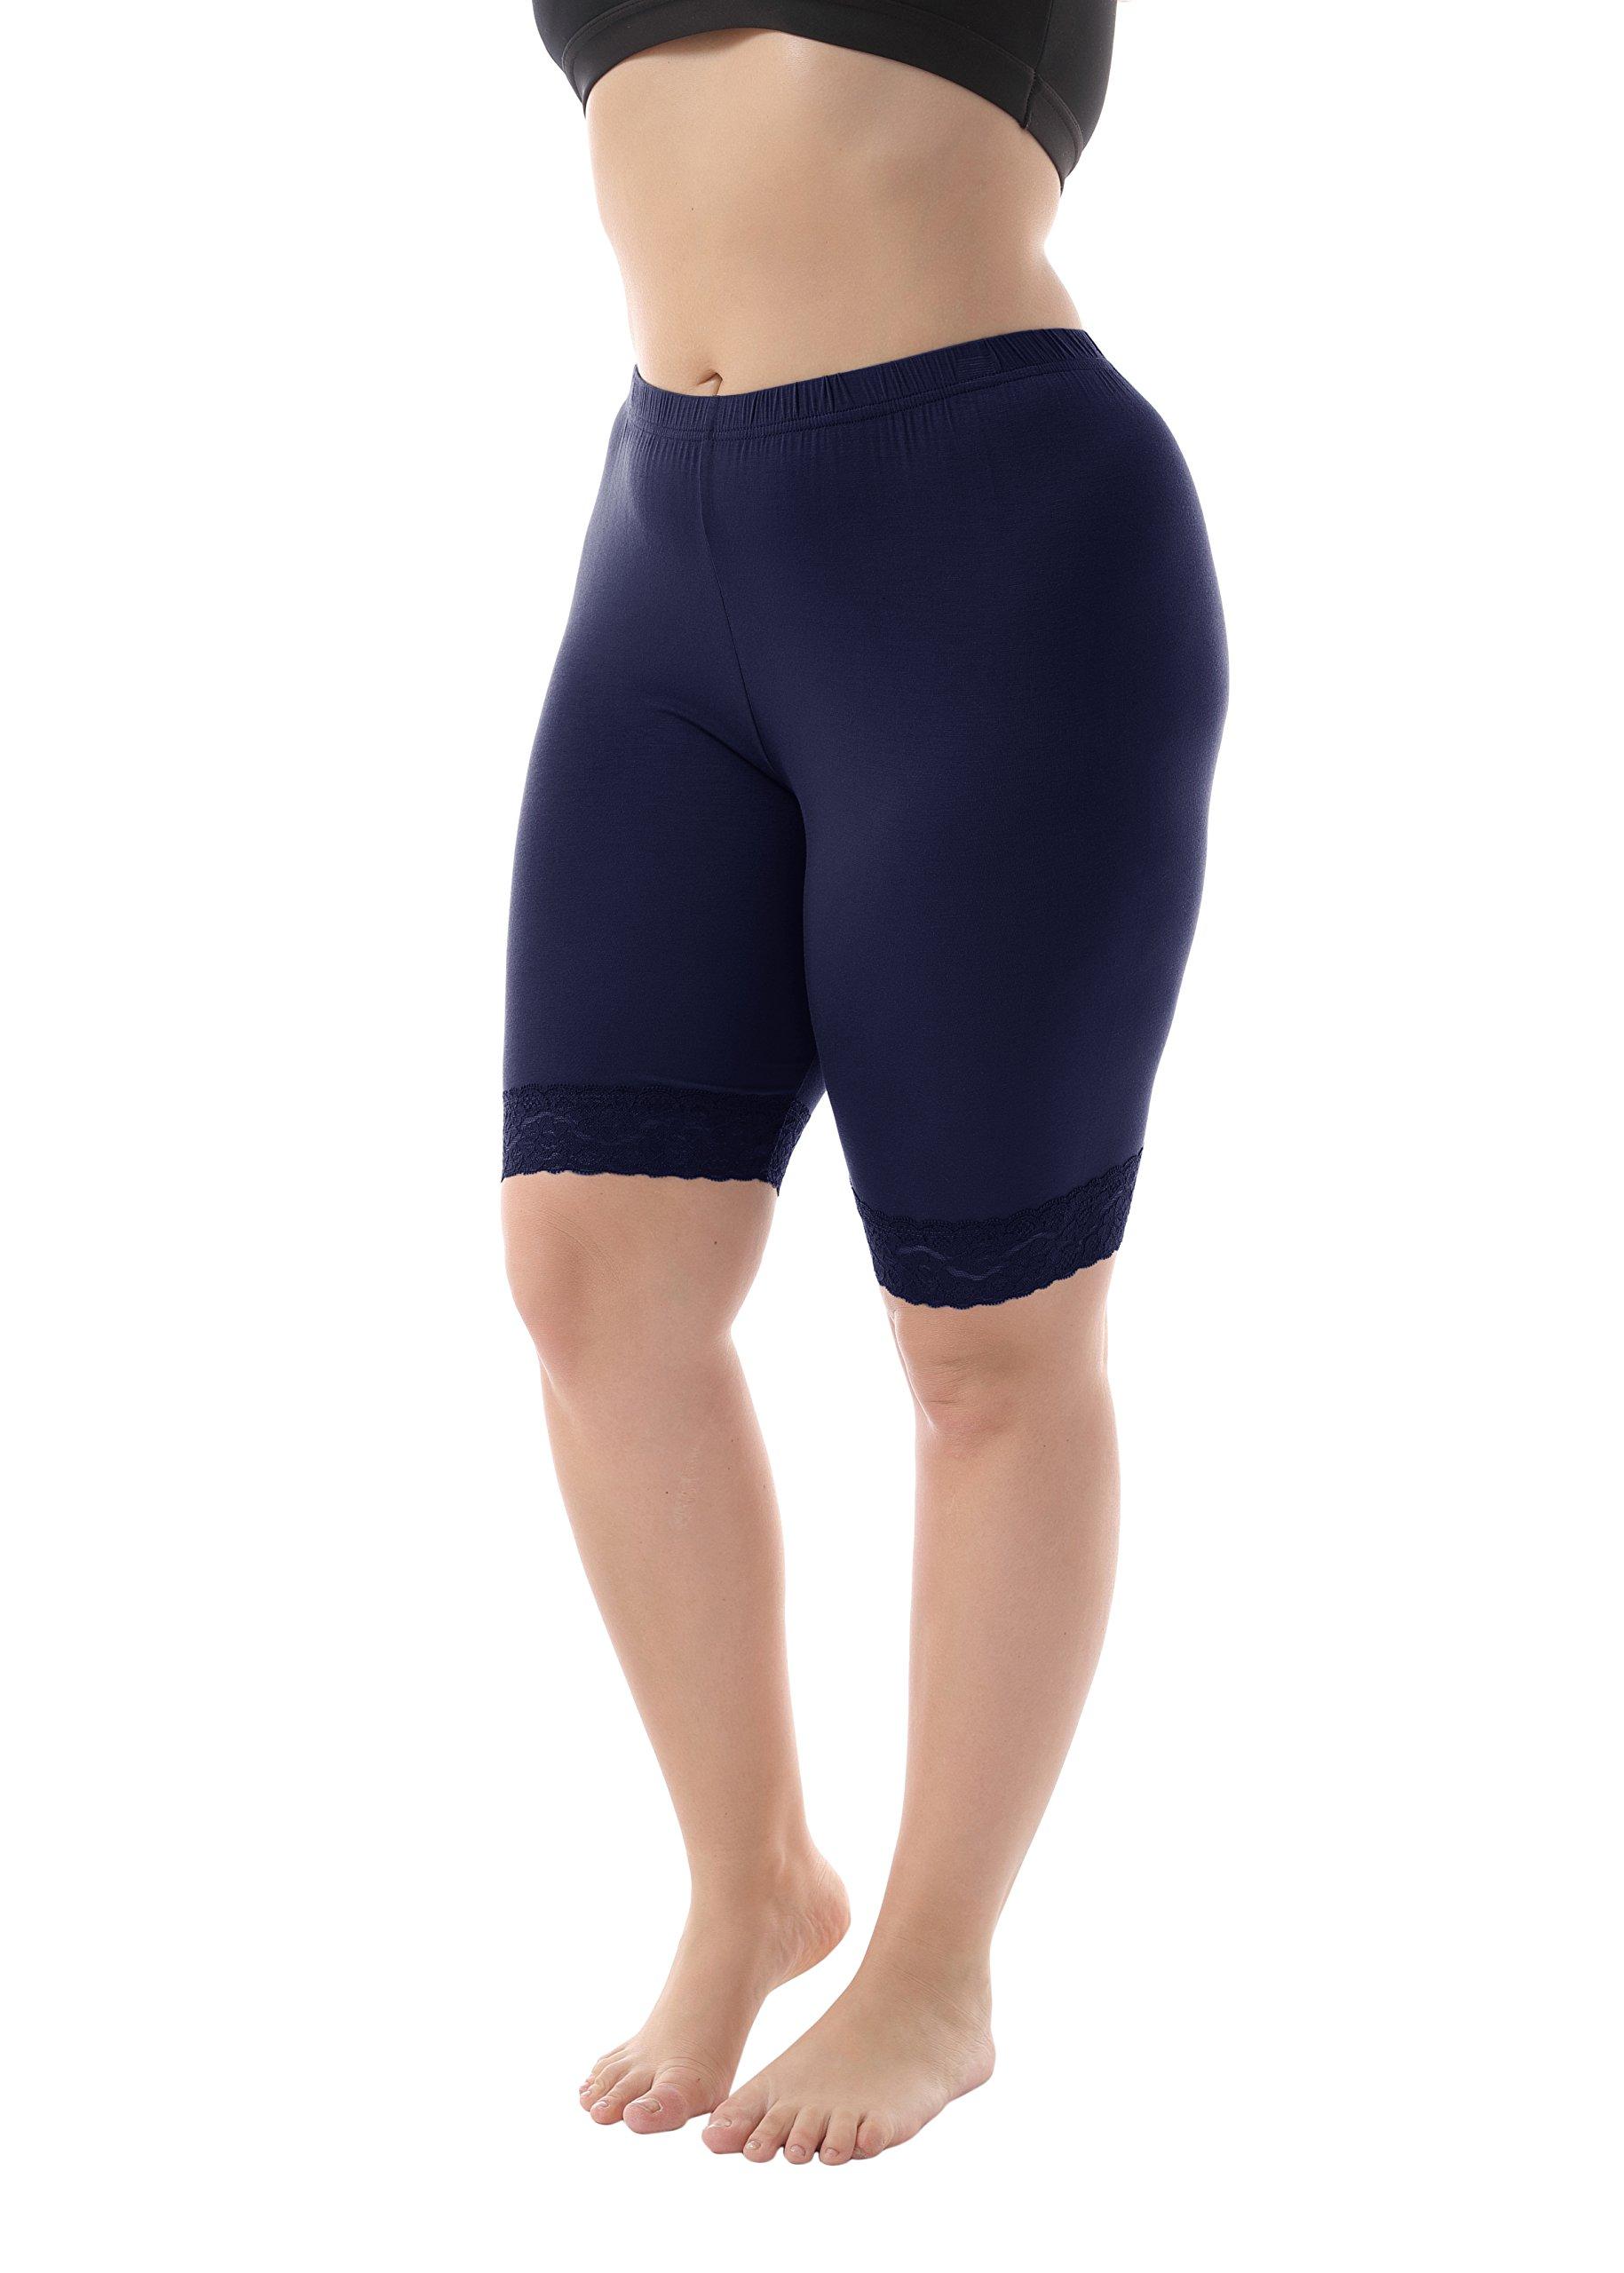 ZERDOCEAN Women's Plus Size Short Leggings with Lace Trim Navy 2X Shorts